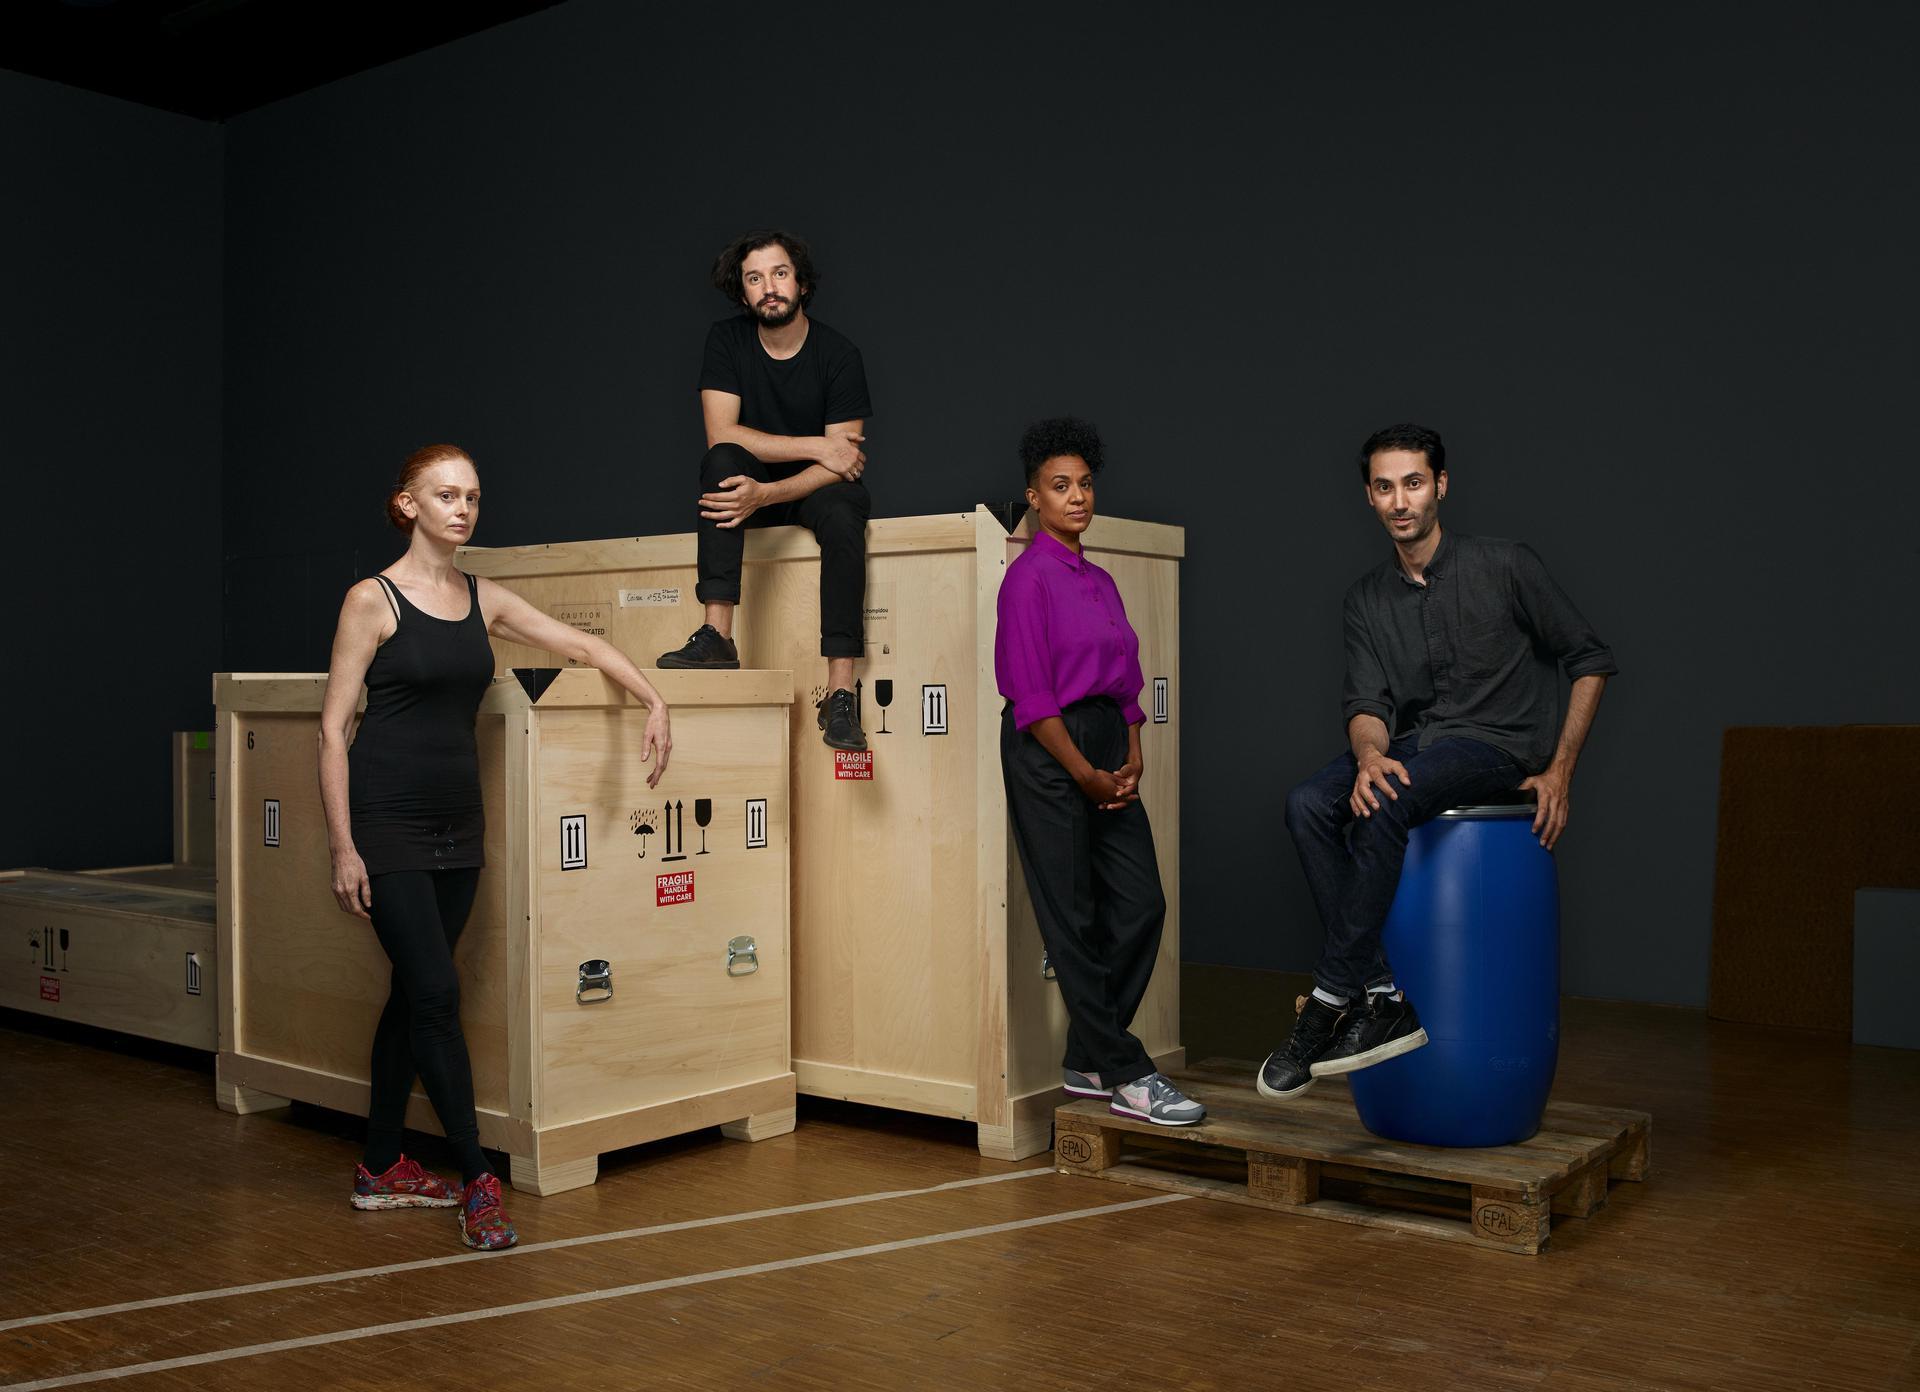 Il prestigioso Premio Marcel Duchamp compie 20 anni. I vincitori in mostra al Pompidou